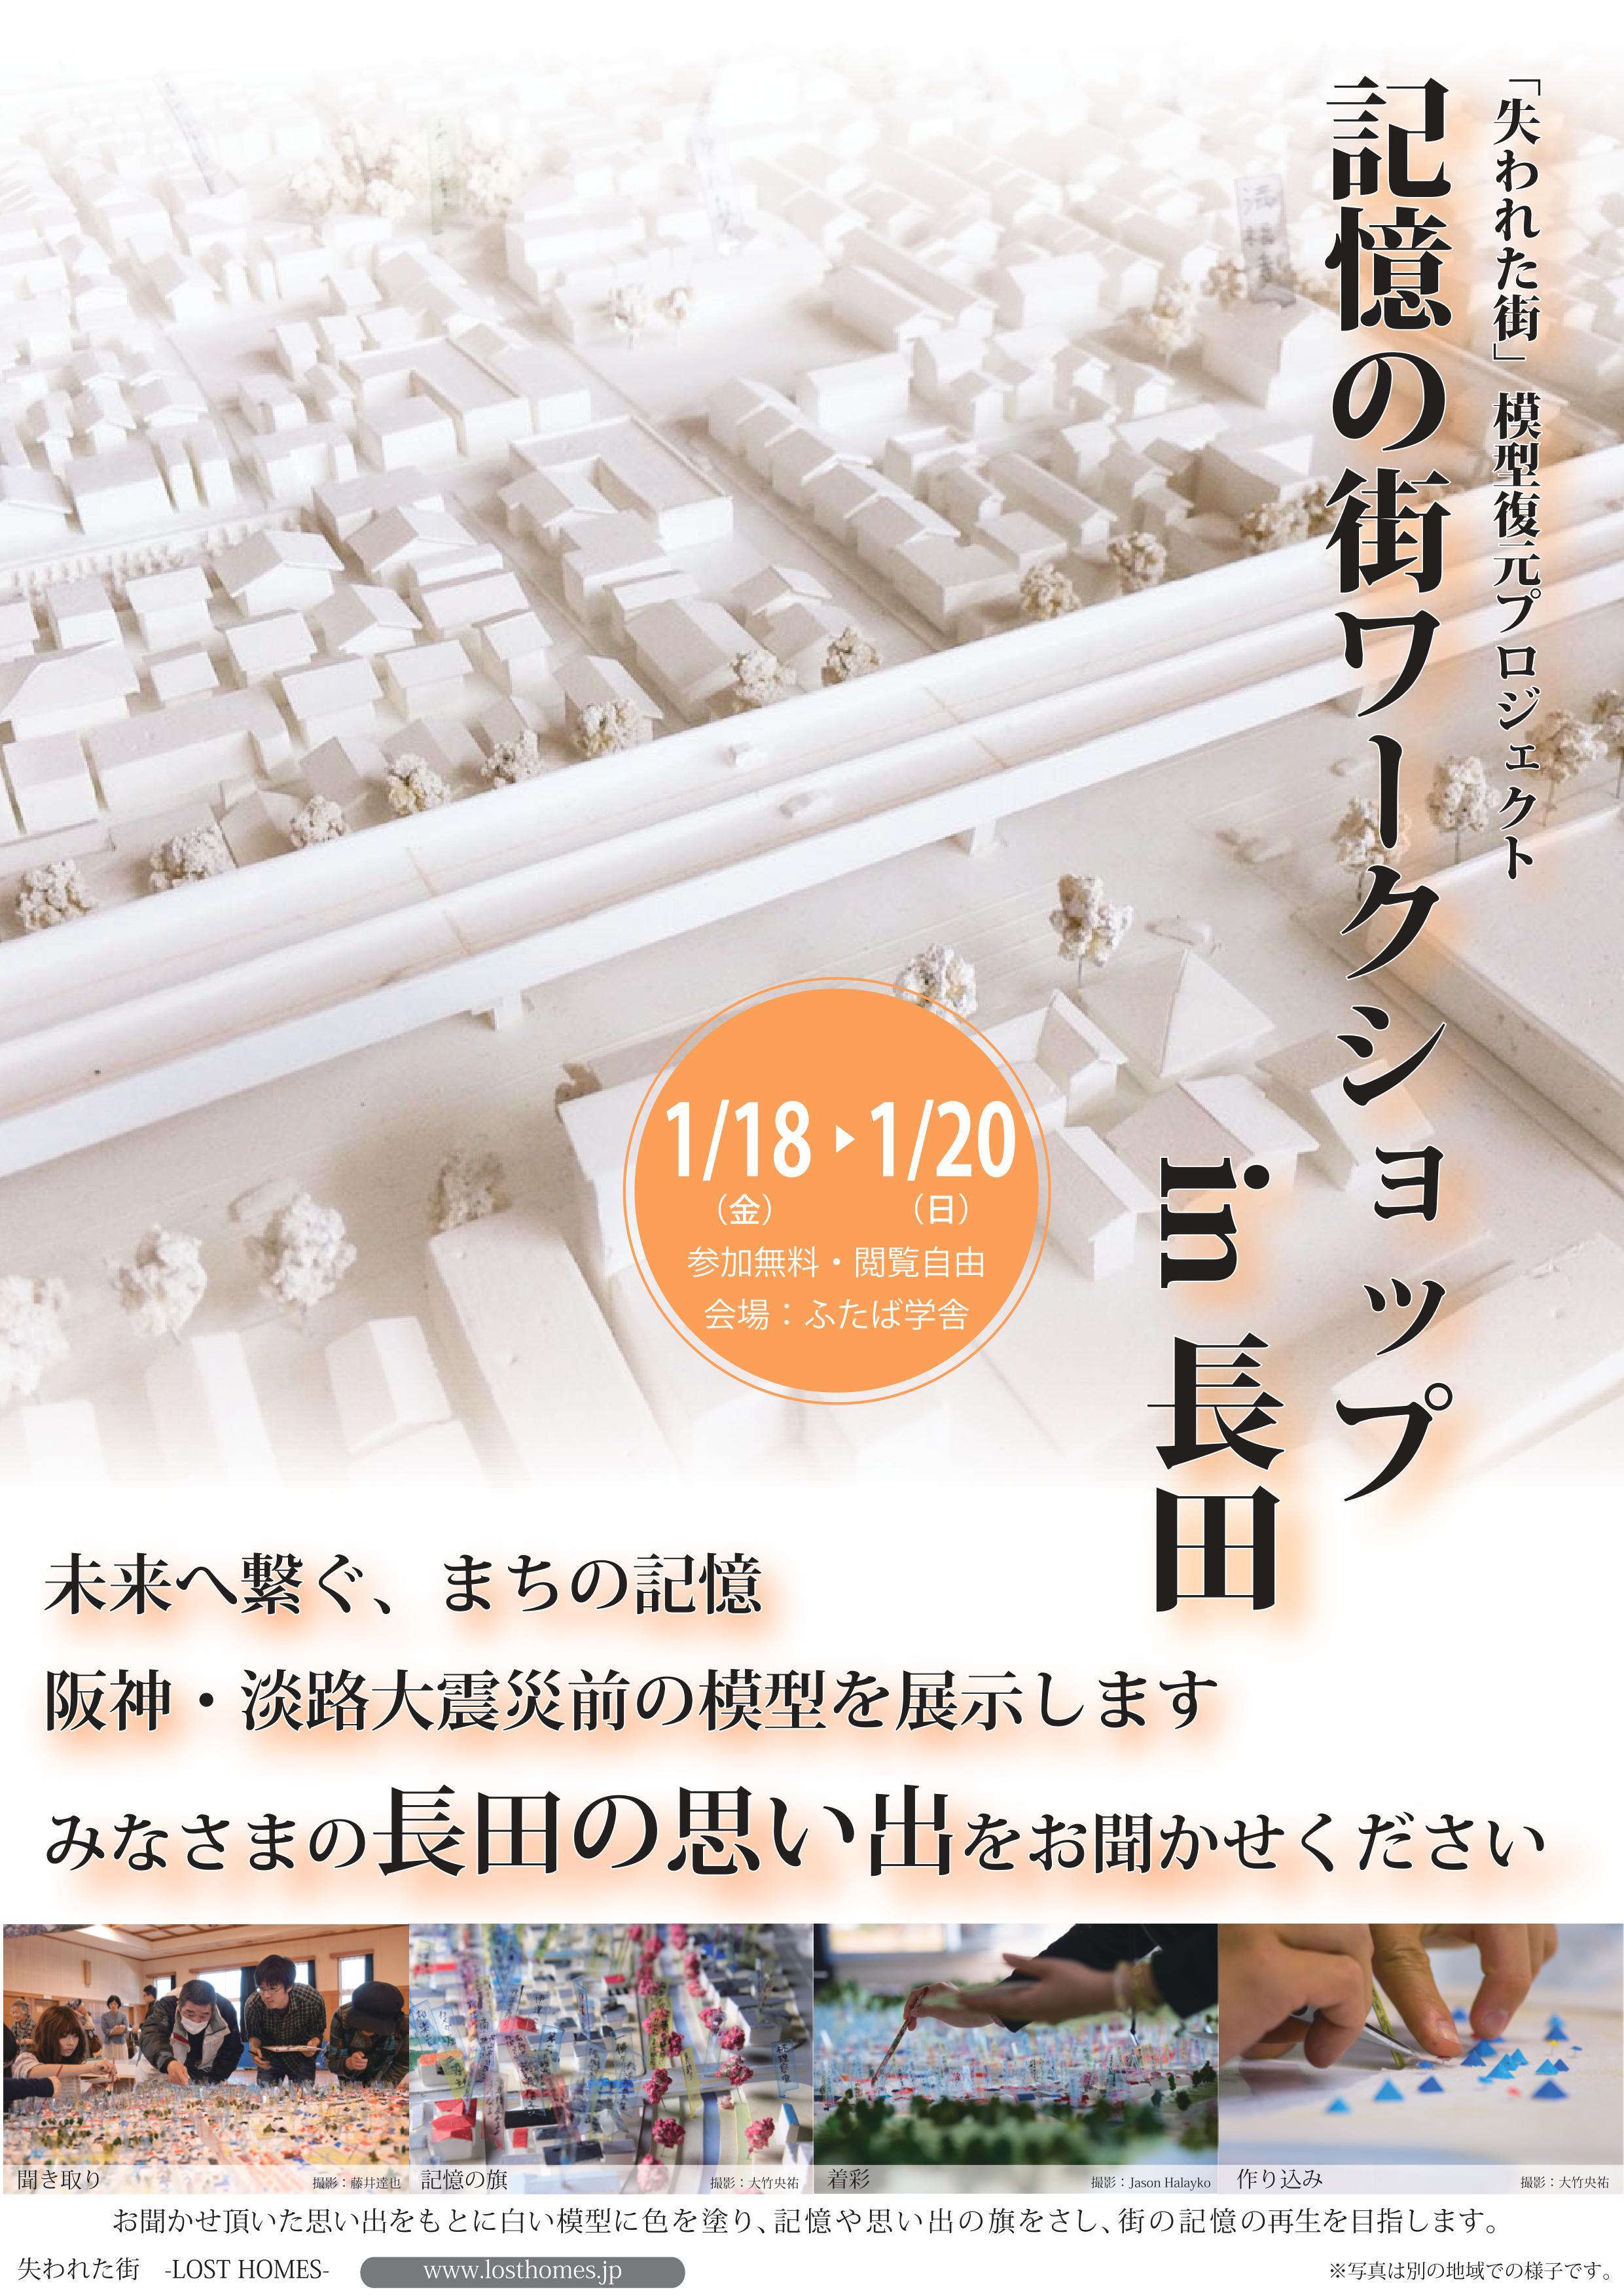 記憶の街ワークショップin長田